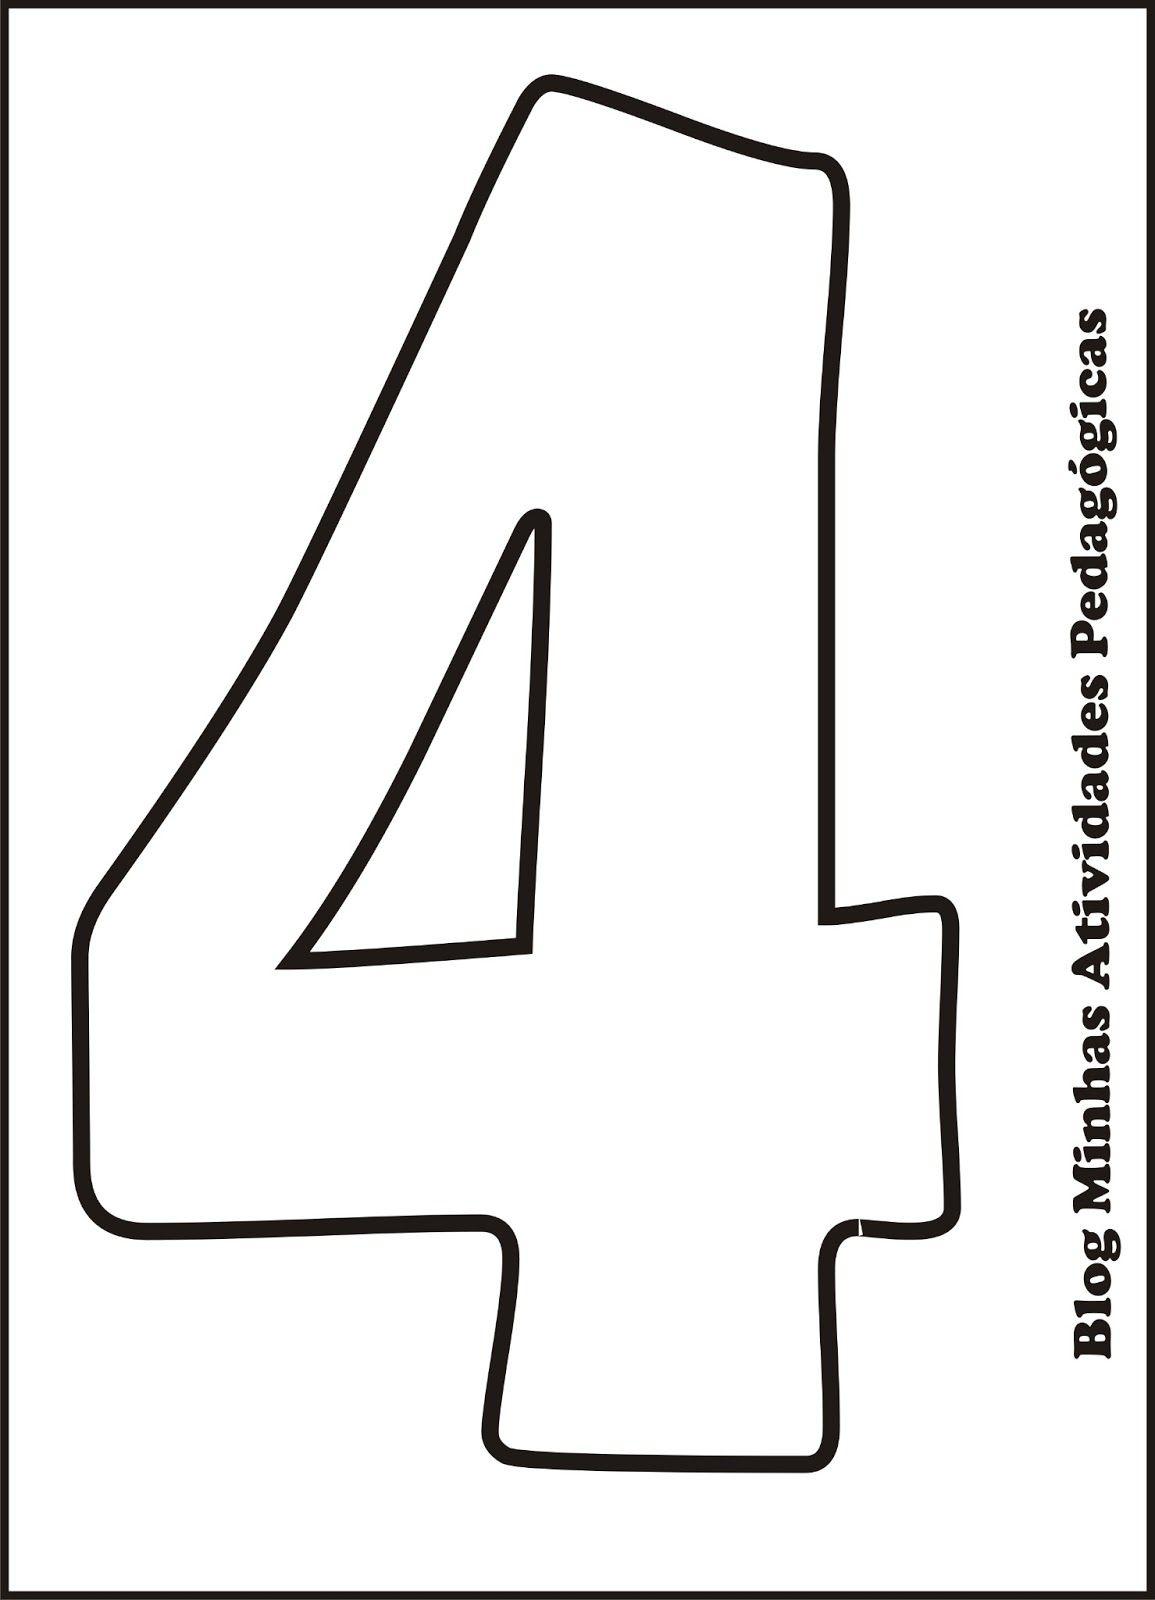 Quatro Png 1155 1600 Letras Do Alfabeto Para Impressao Molde